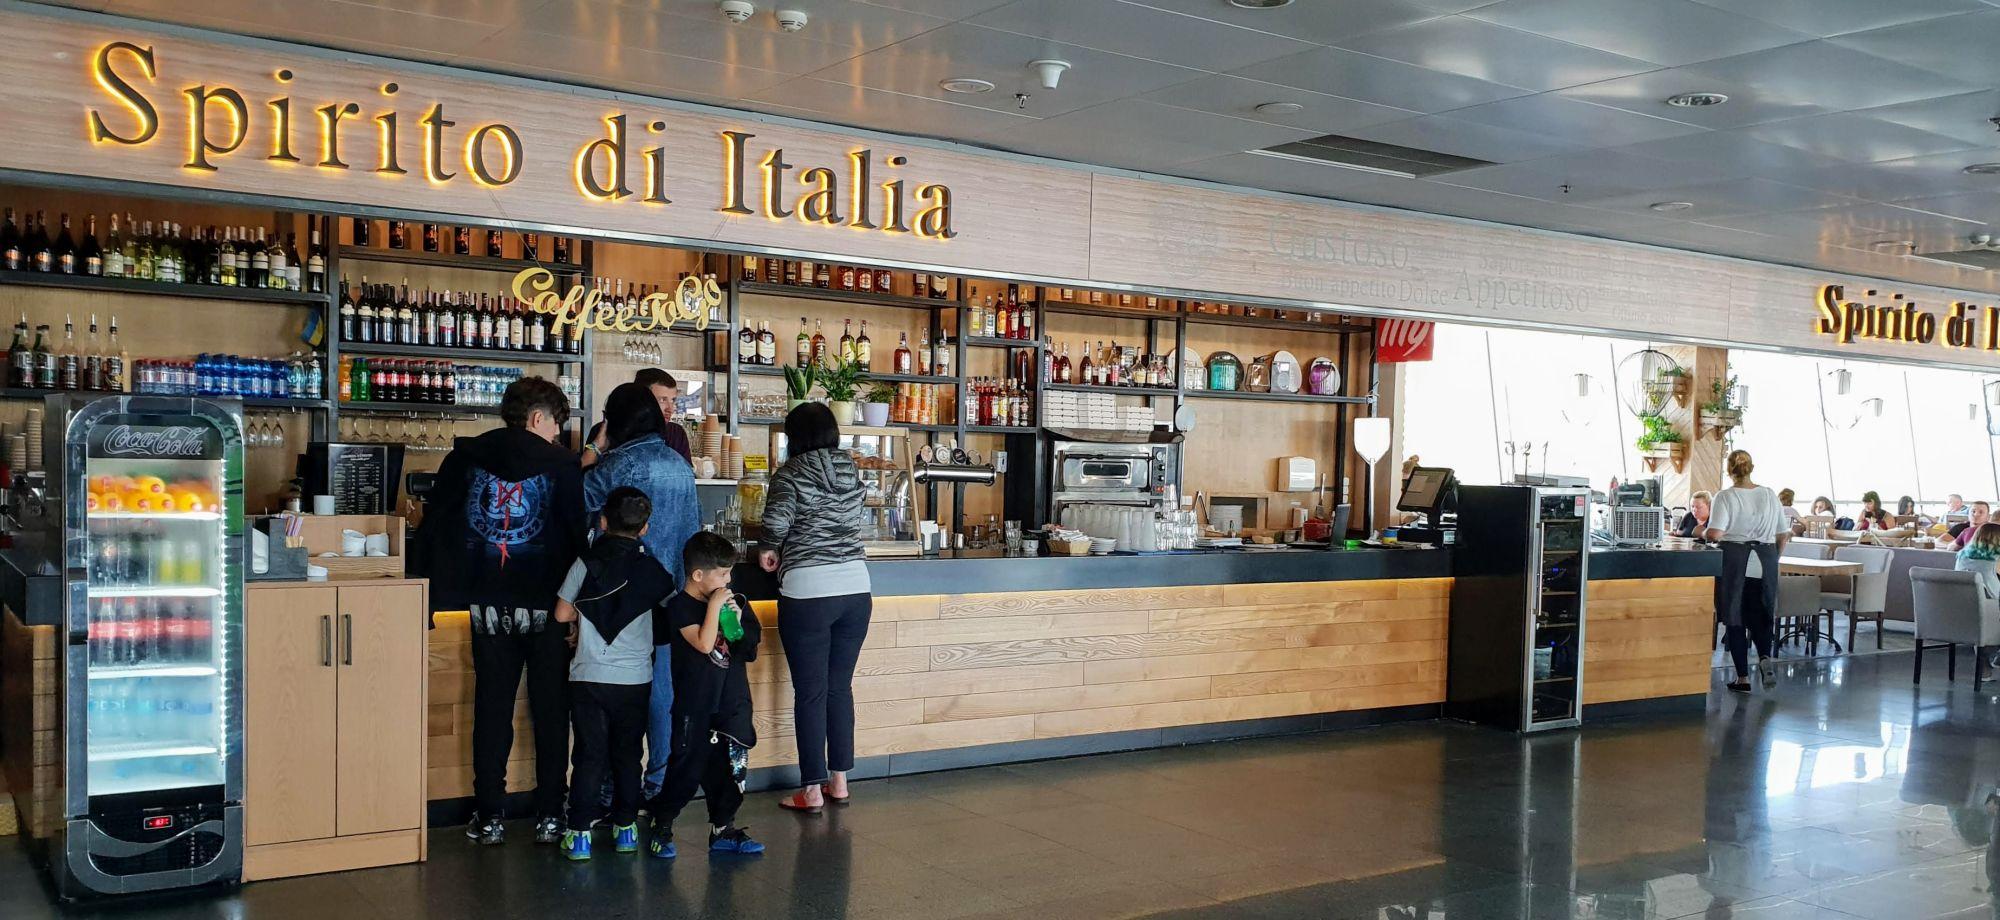 """מסעדת """"Spirito di Italia"""" - מומלצת לארוחה בזמן קונקשן בקייב"""